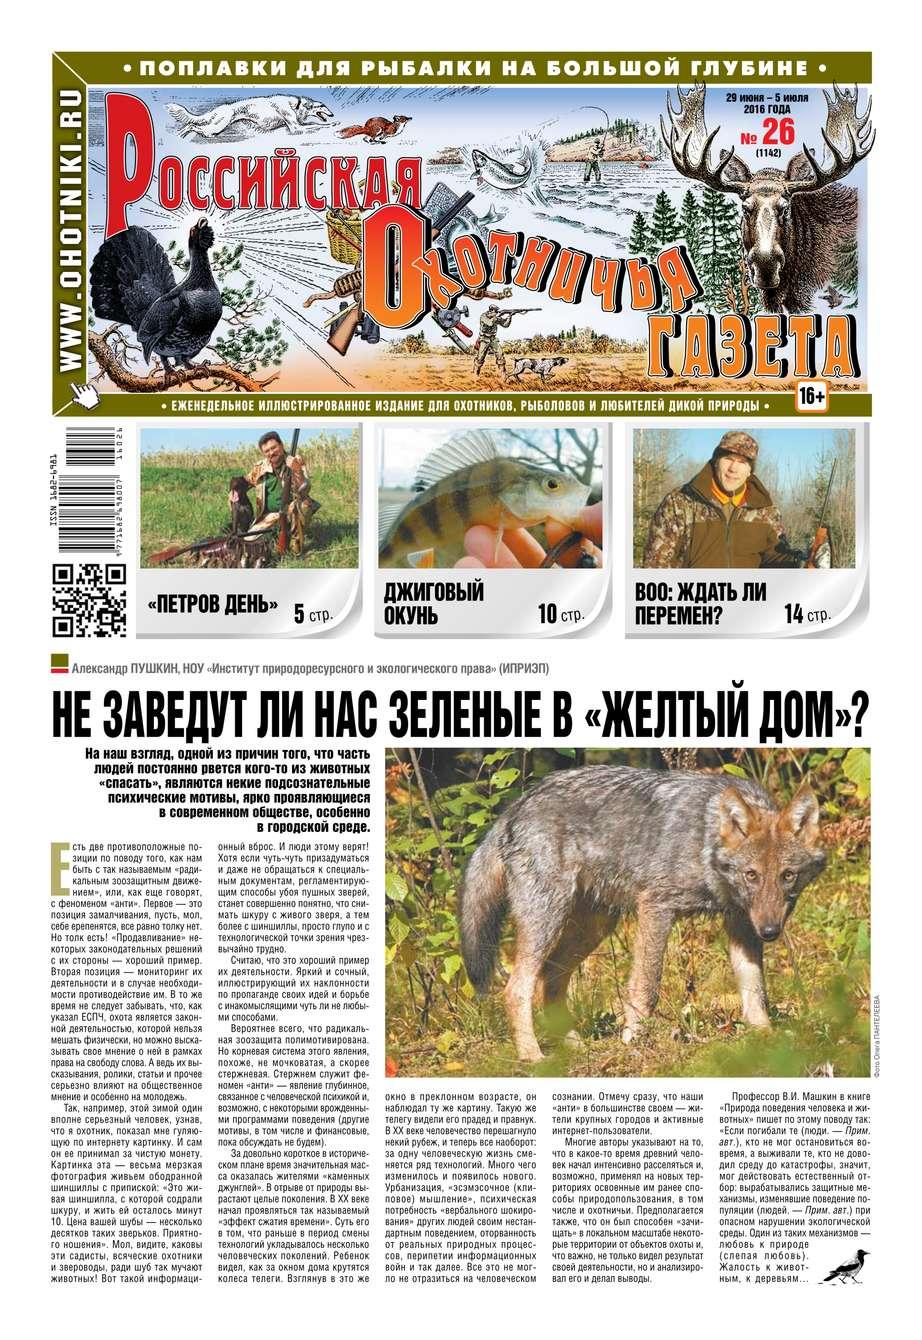 Редакция газеты Российская Охотничья Газета Российская Охотничья Газета 26-2016 цена в Москве и Питере